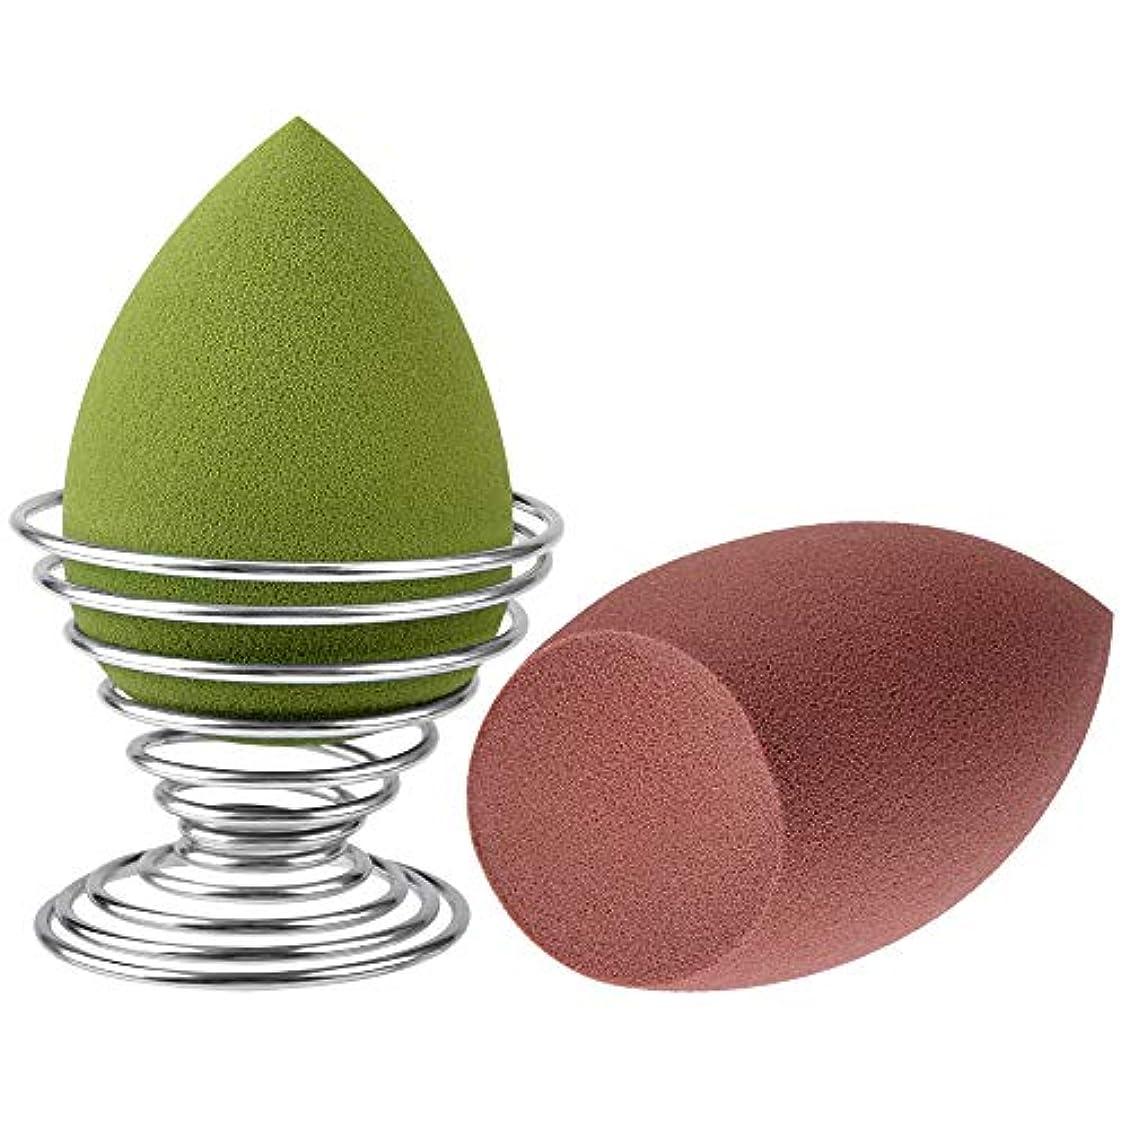 解釈遮る損傷メイクスポンジパフ Ninonly 化粧スポンジ ファンデーションパフ 人気の贈り物 乾湿兼用 しずく型 収納ホルダー付き